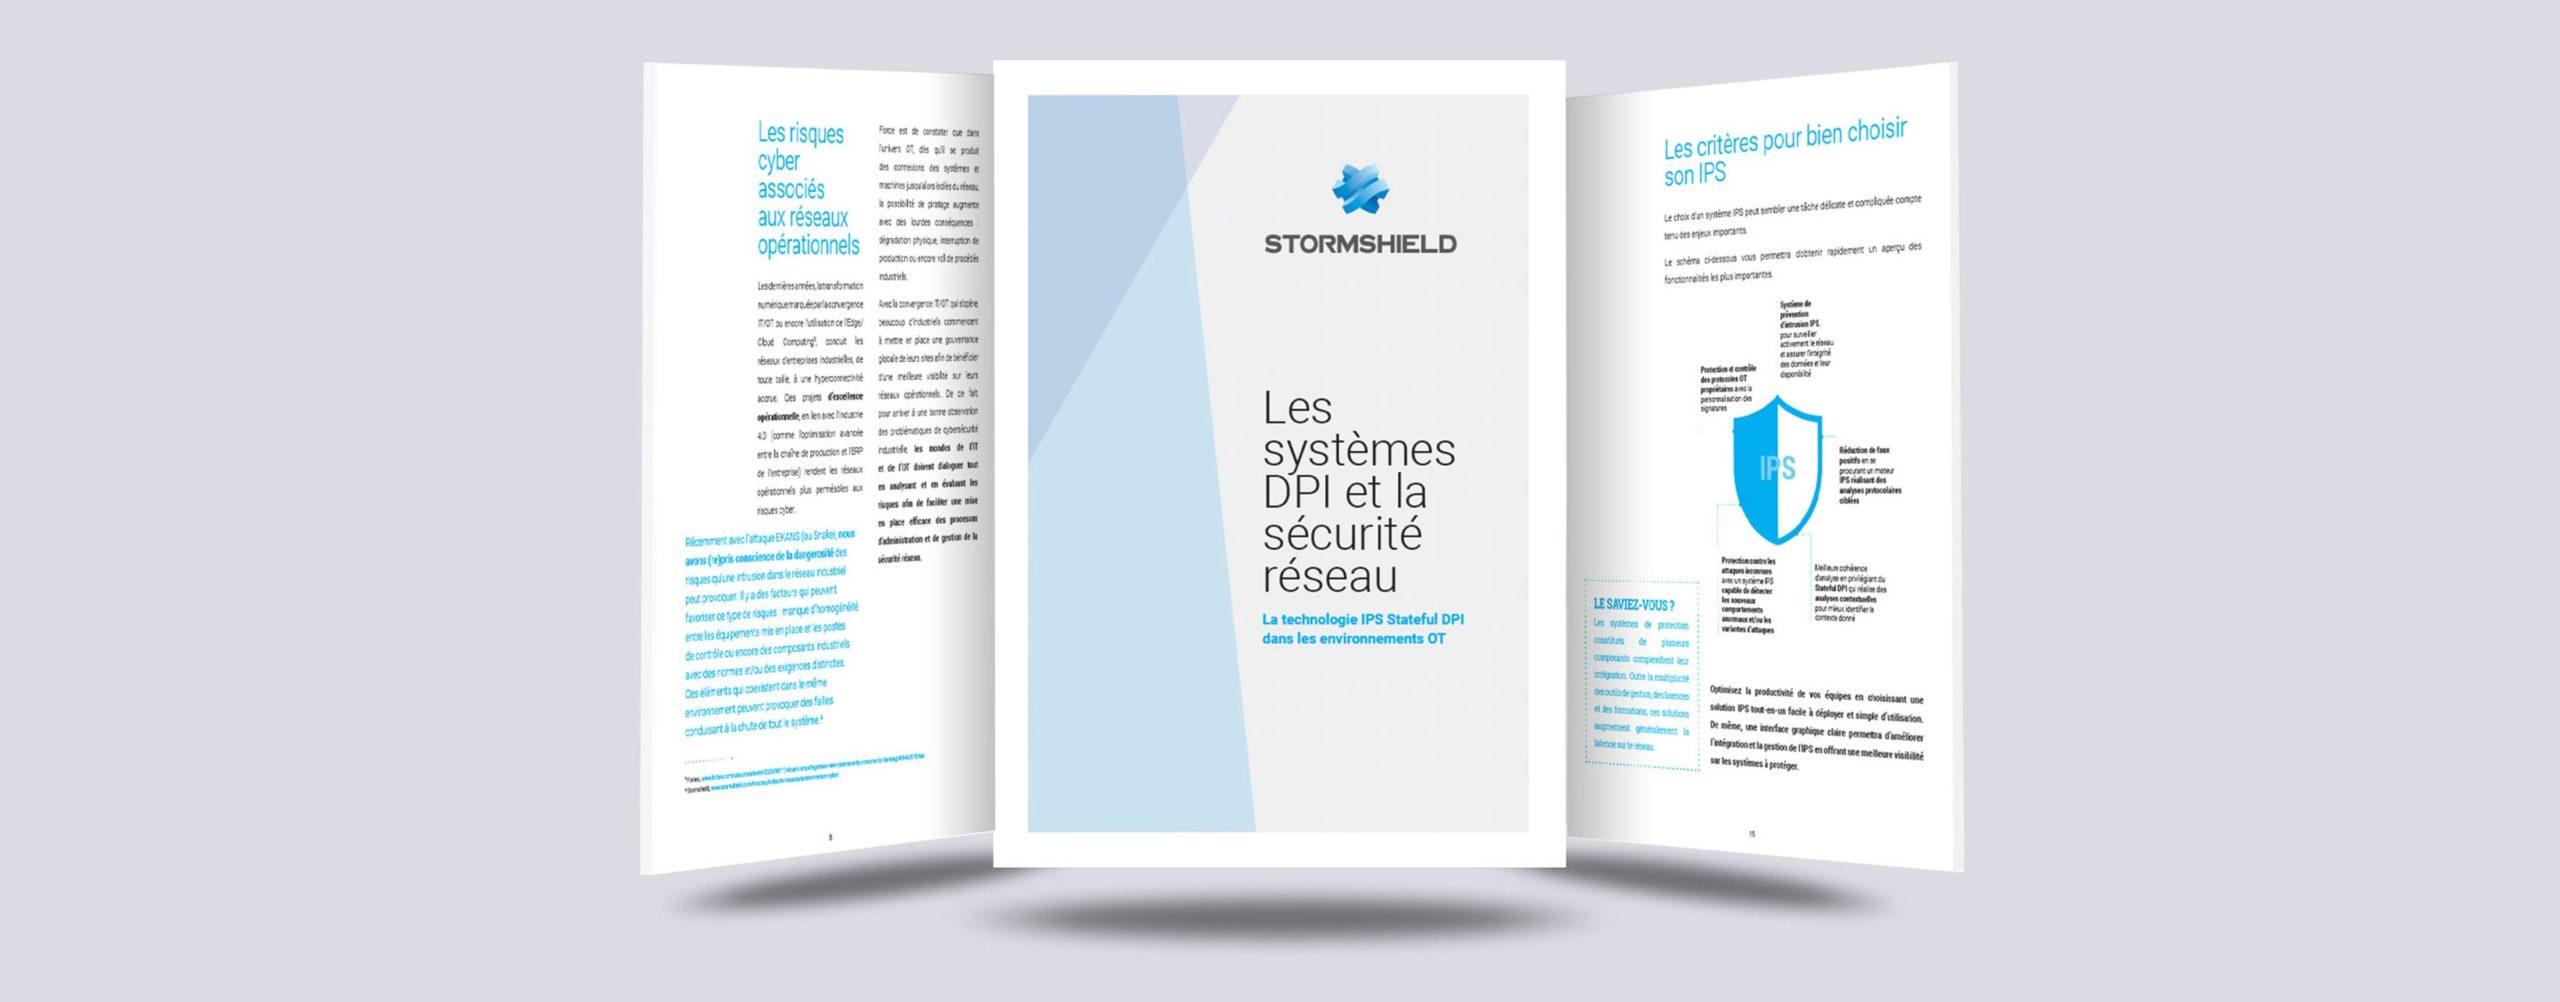 Les systèmes DPI et la sécurité réseau